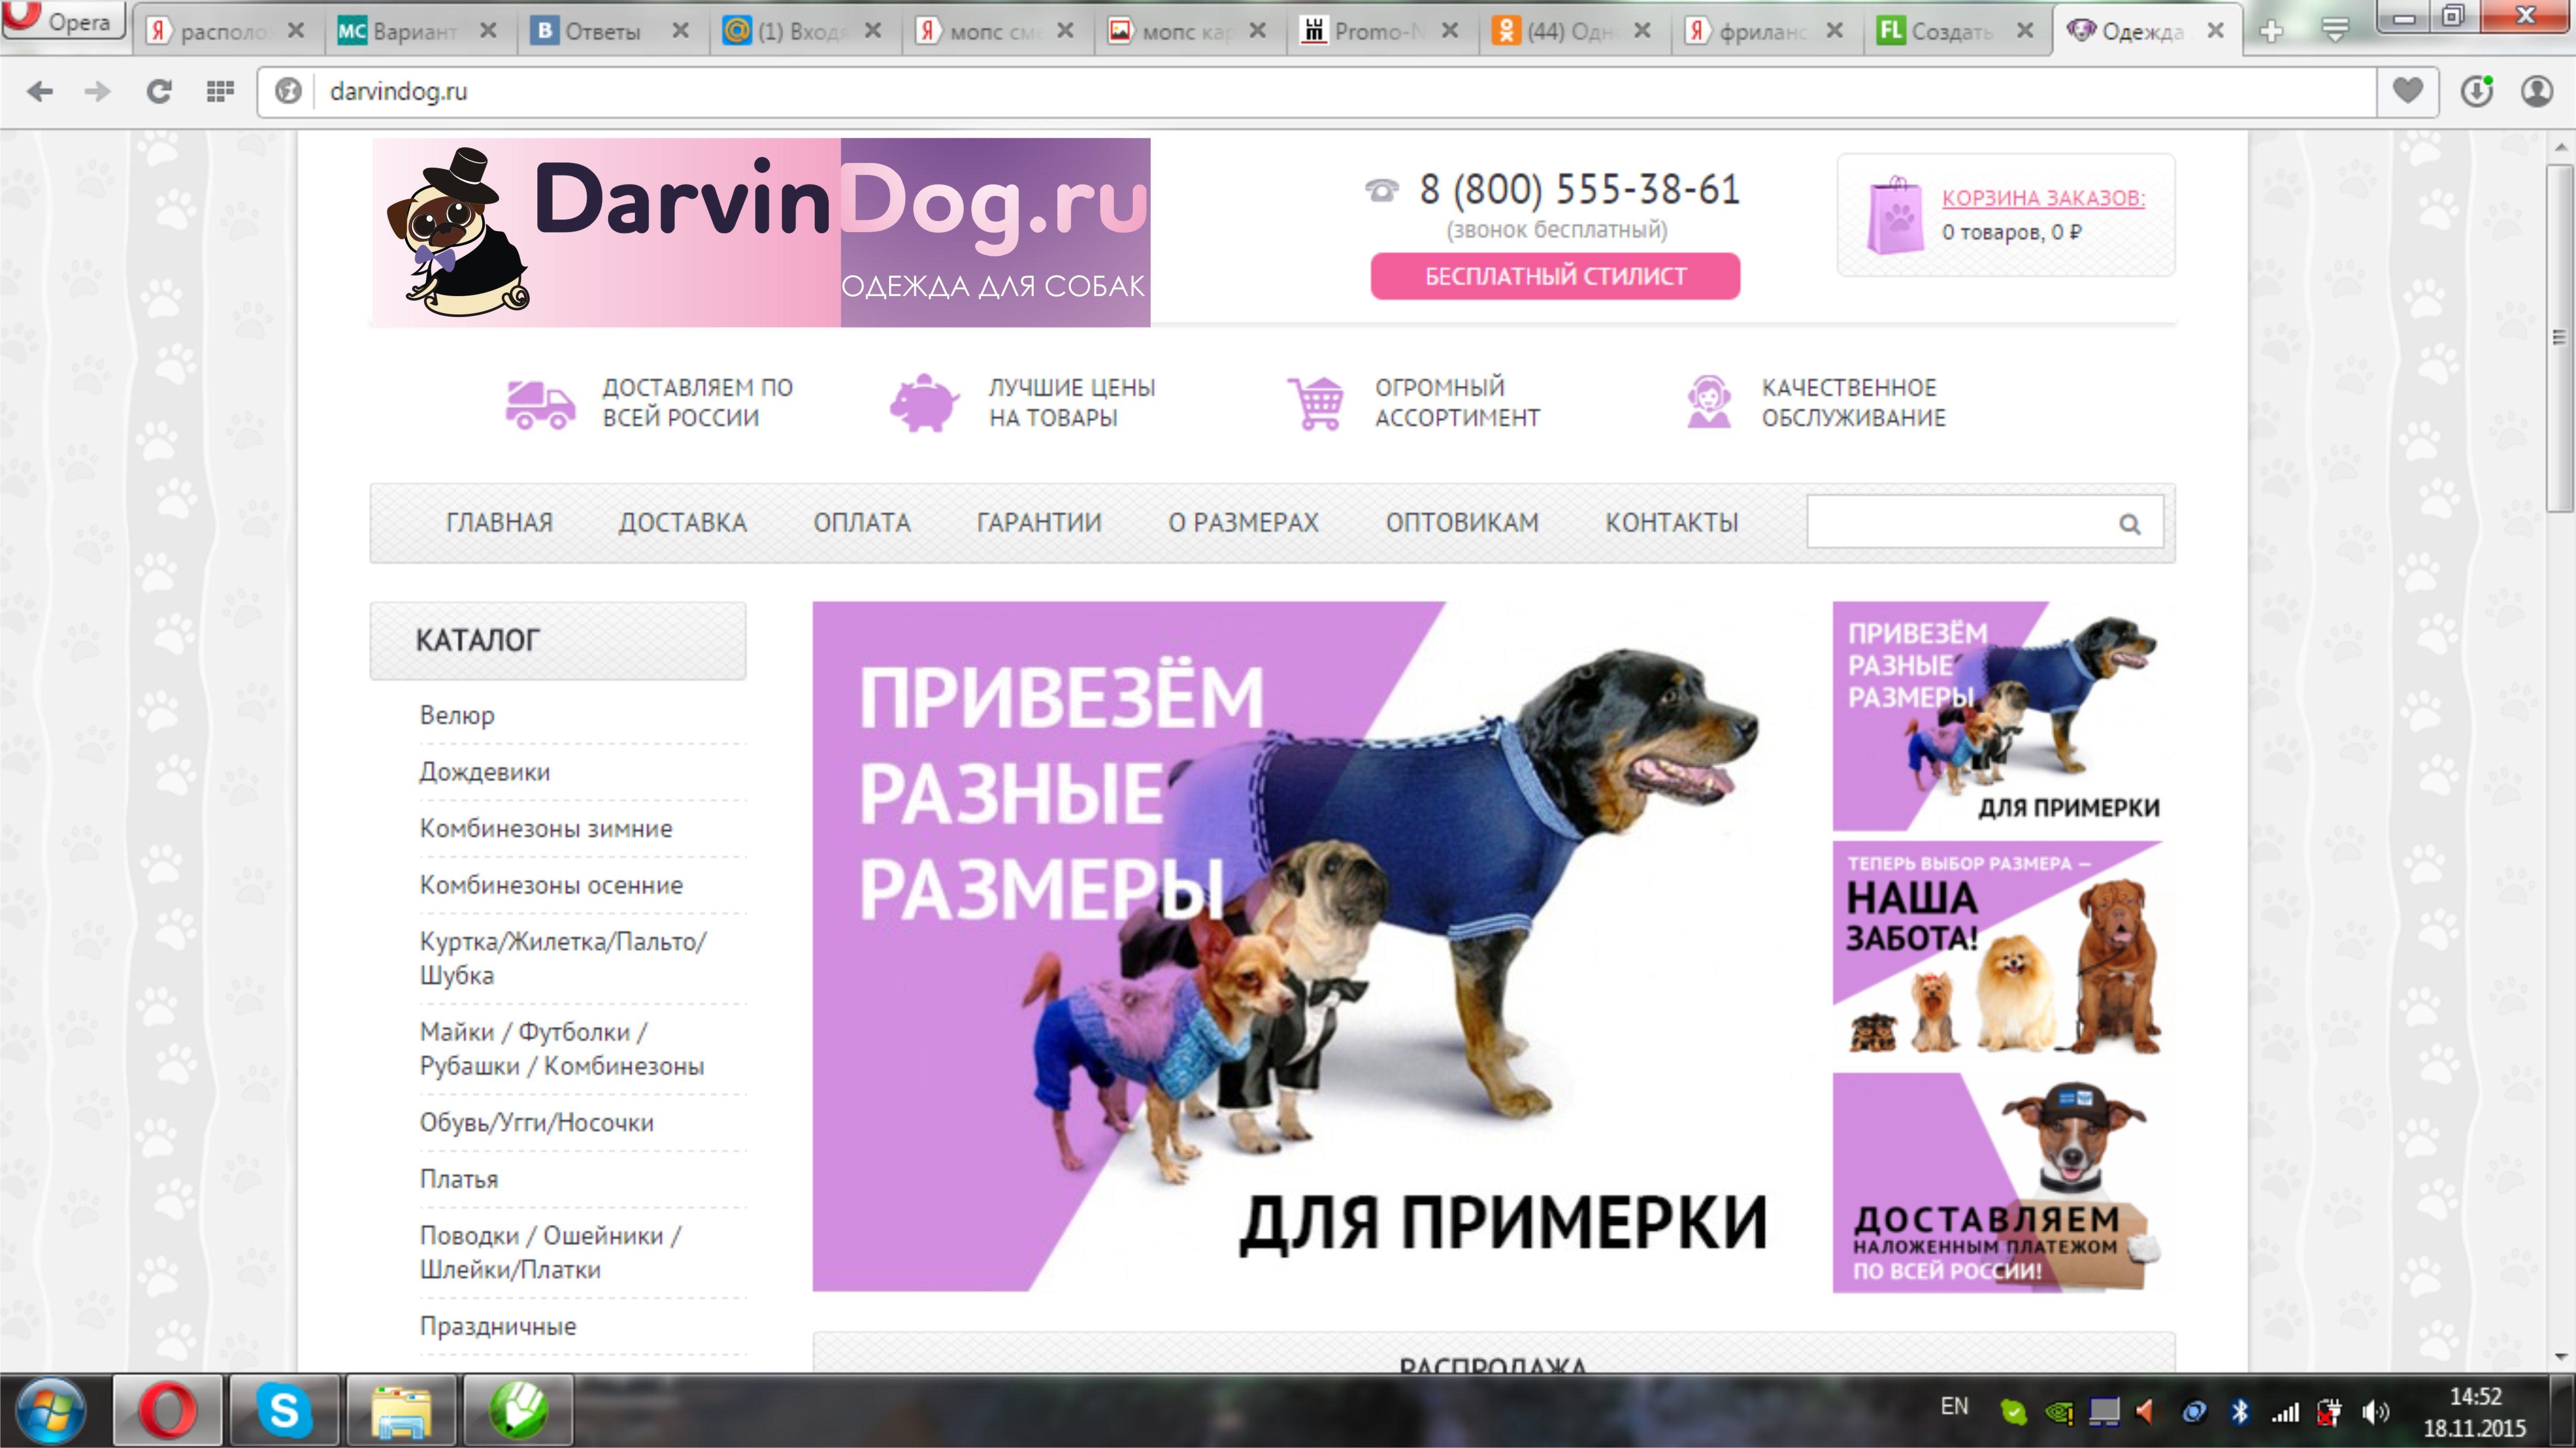 Создать логотип для интернет магазина одежды для собак фото f_213564c877b7d04e.jpg